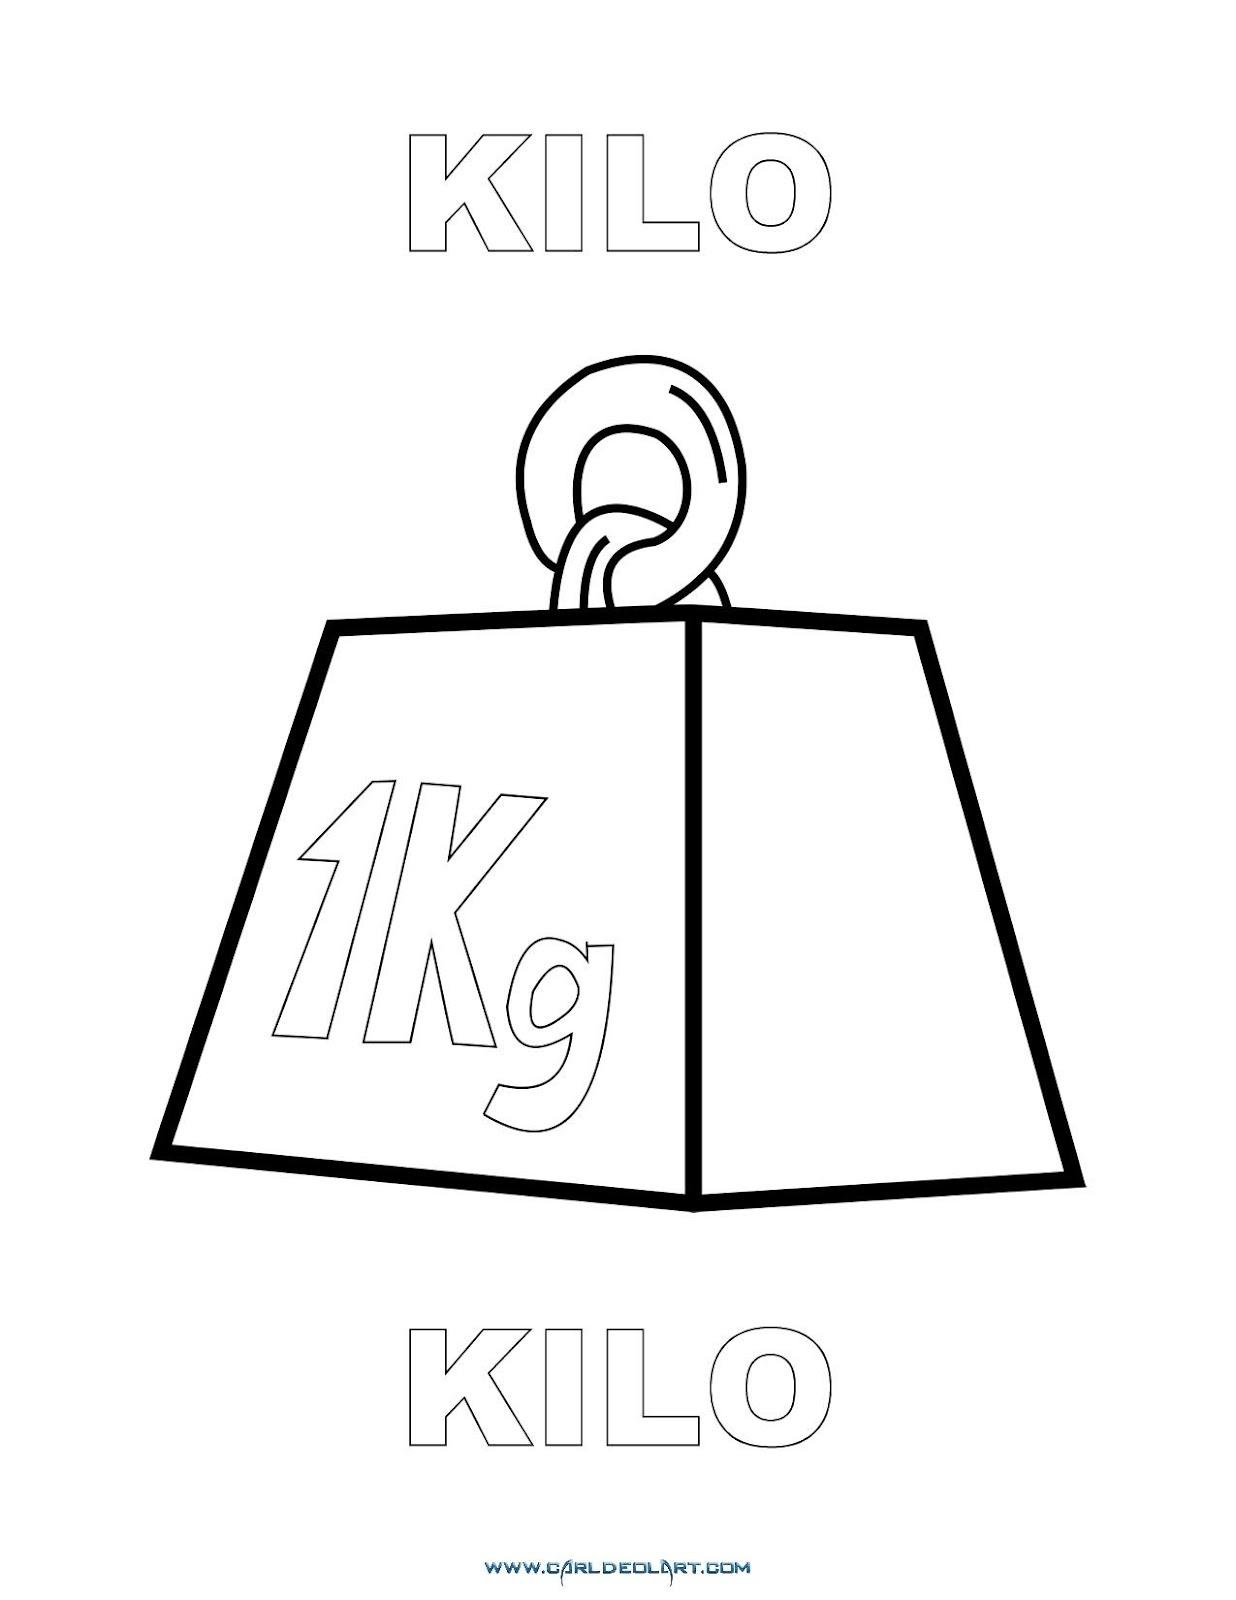 Dibujos ingl s espa ol con k kilo kilo for Dibujo de una piedra para colorear